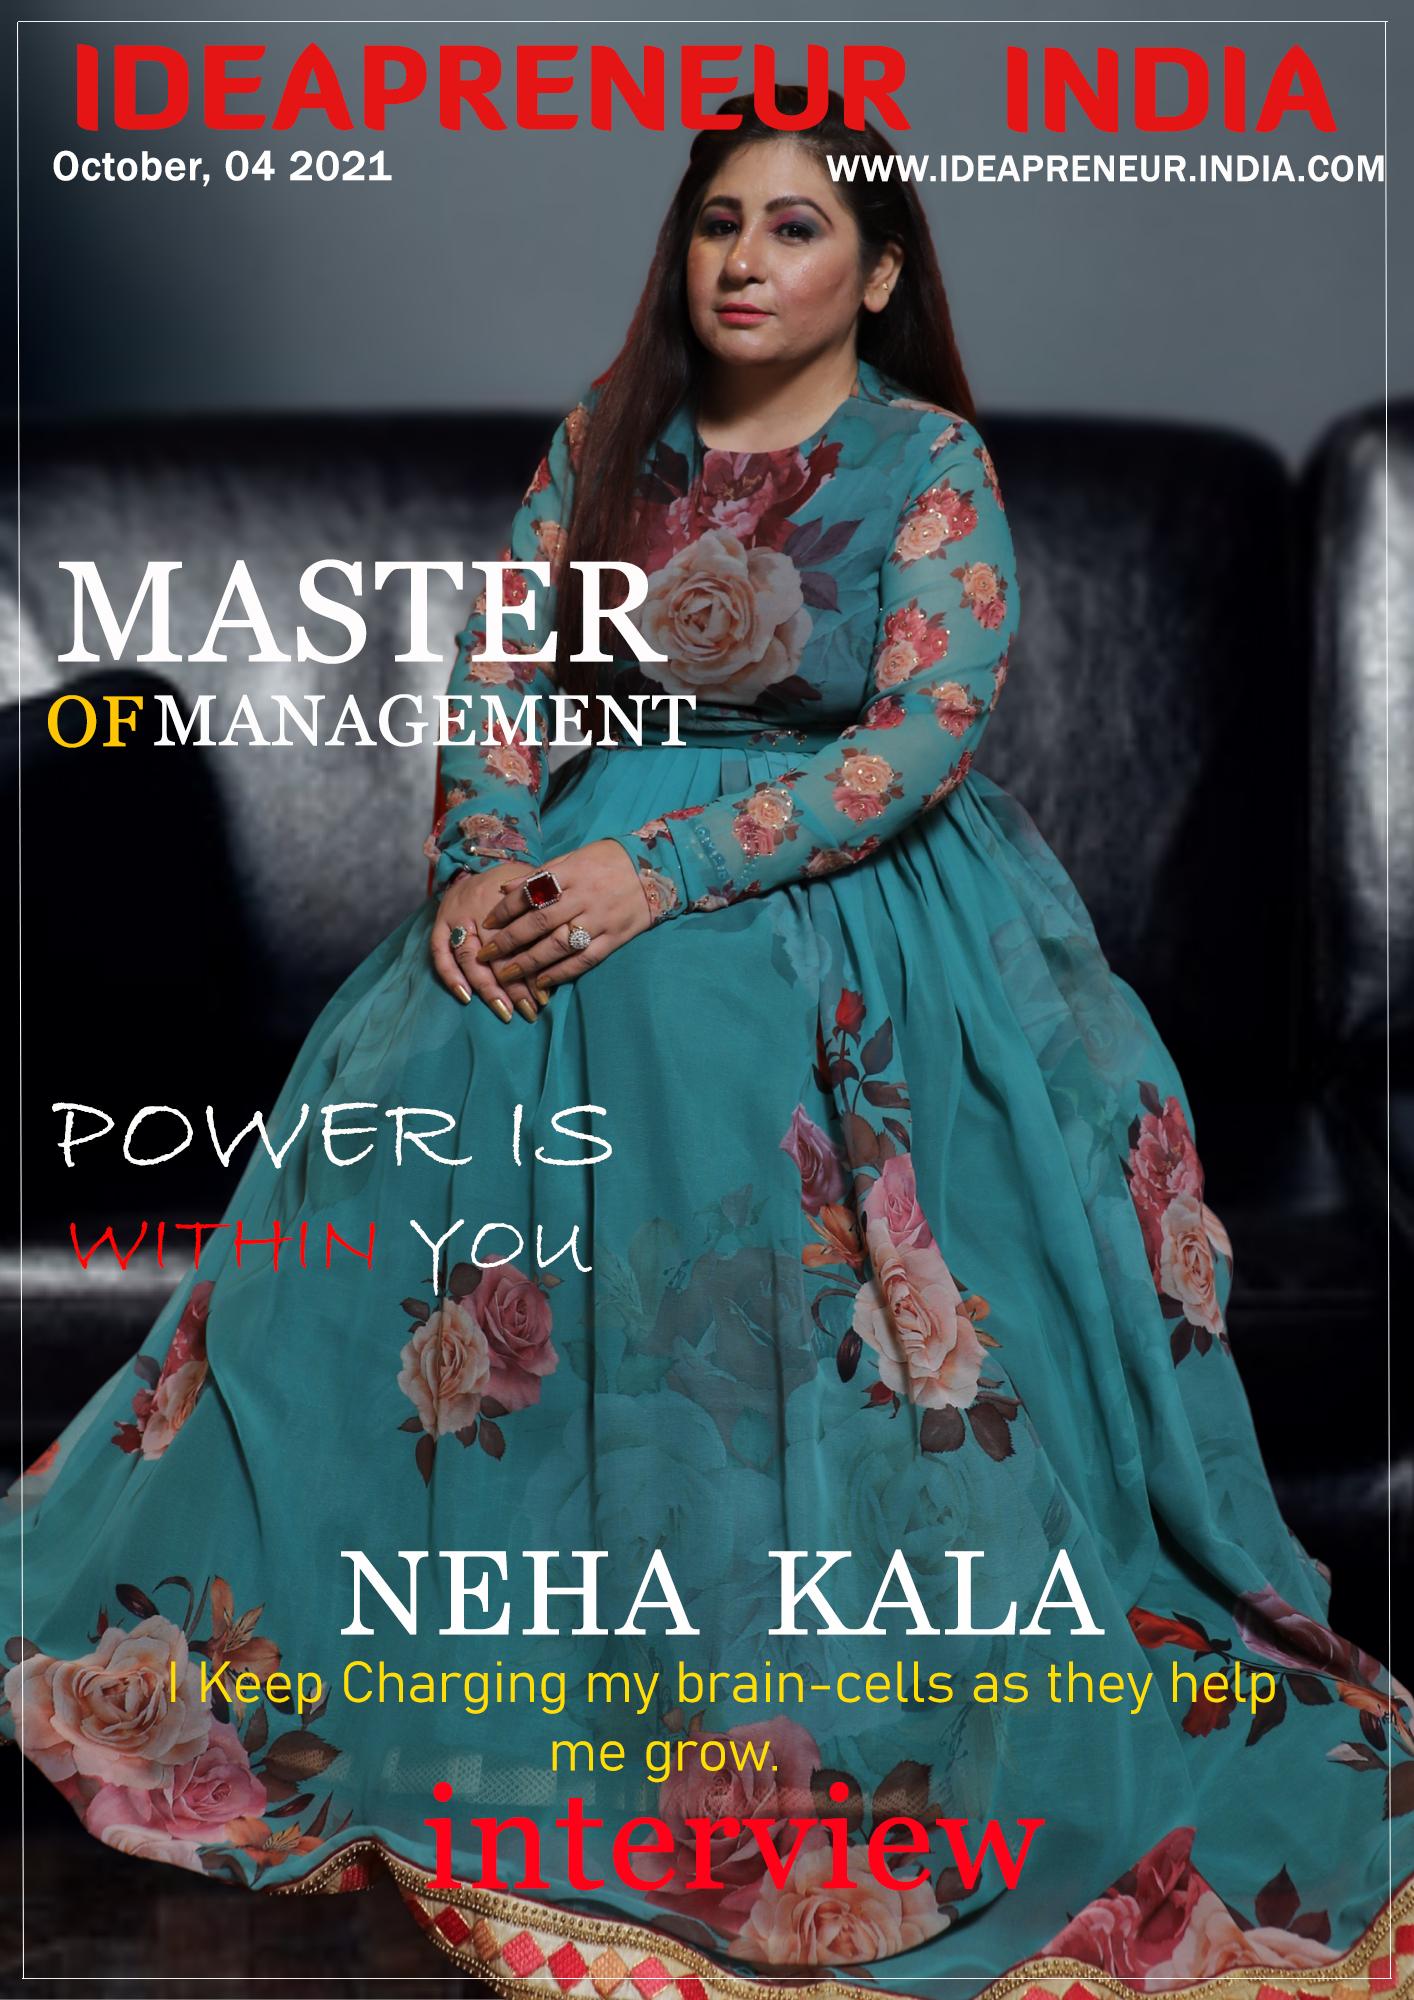 Neha Kala